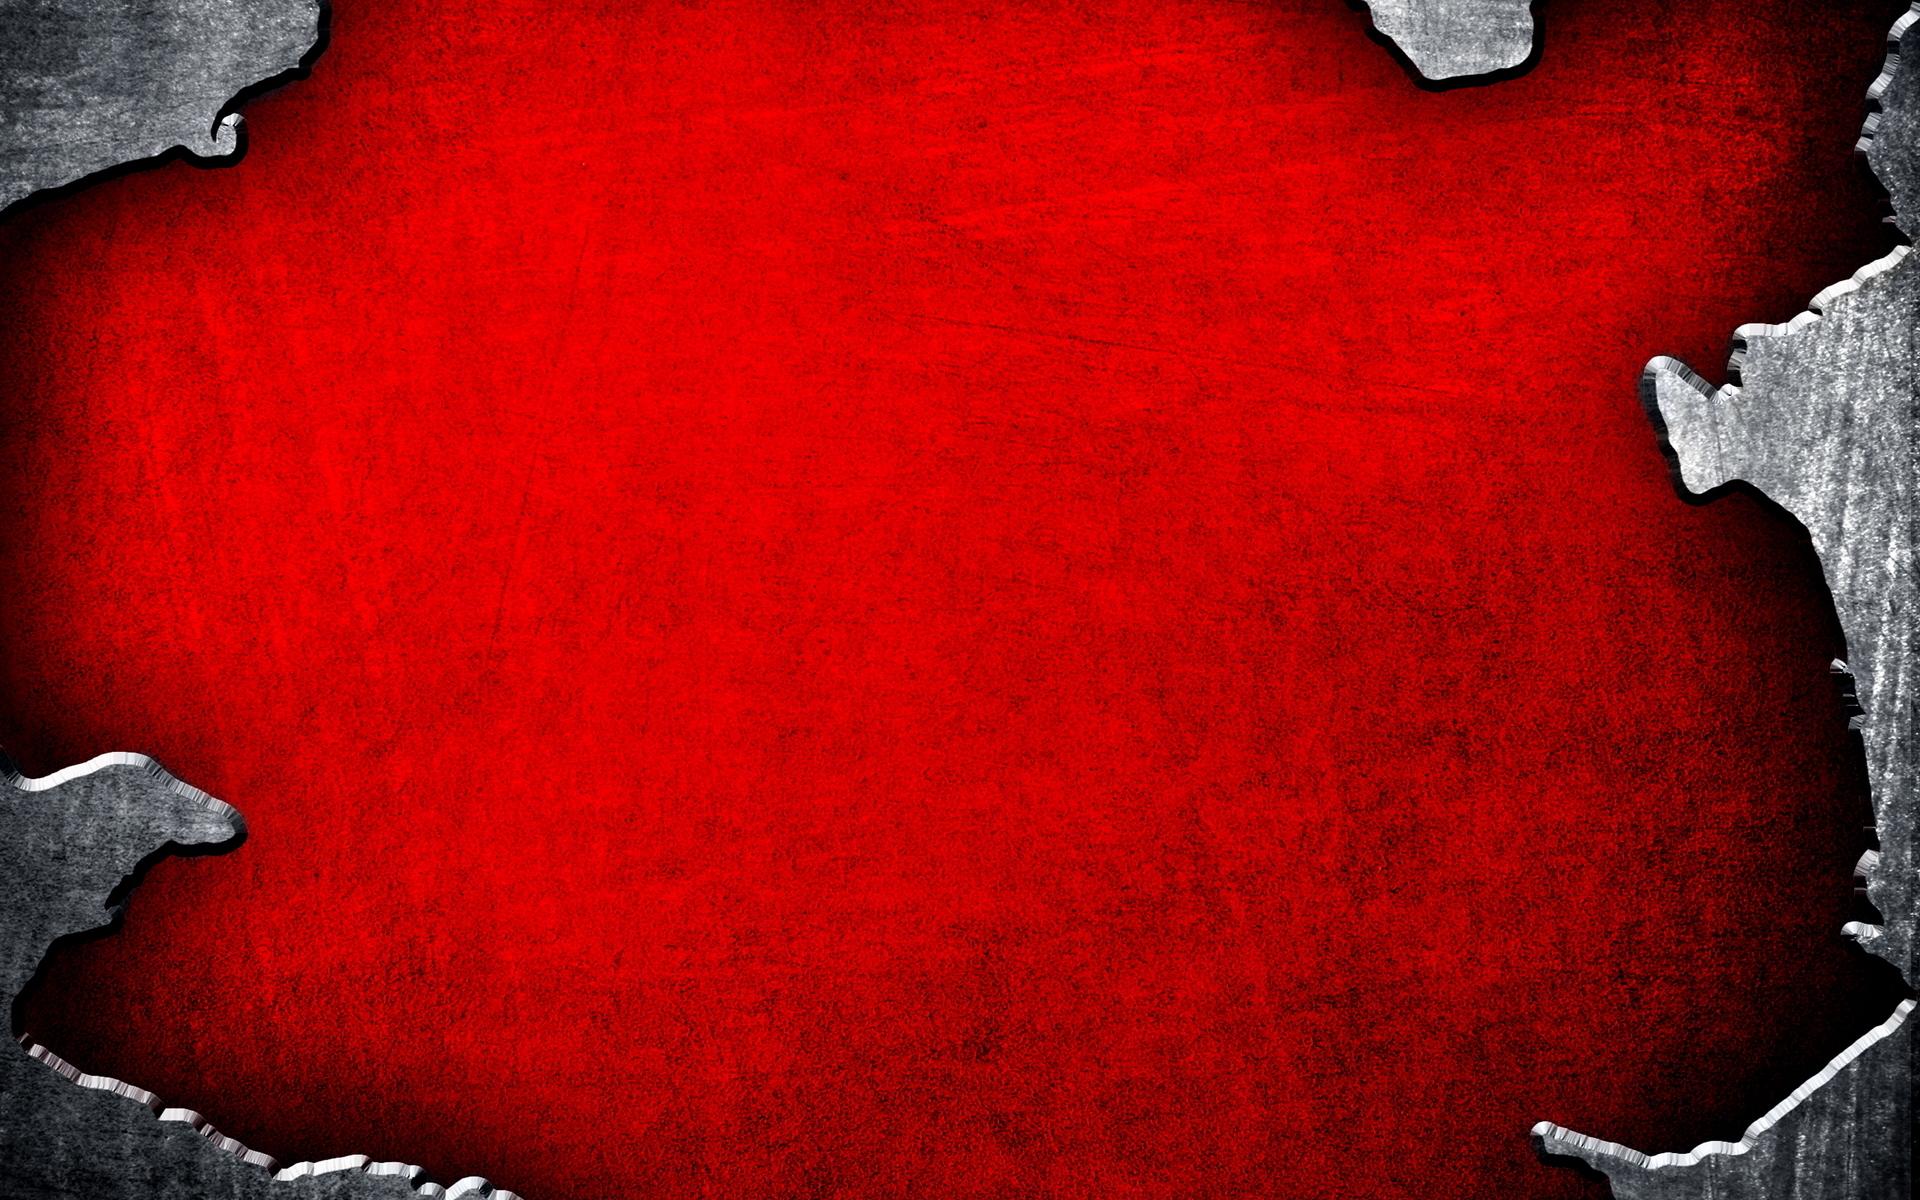 Download wallpaper texture background red metallic desktop 1920x1200